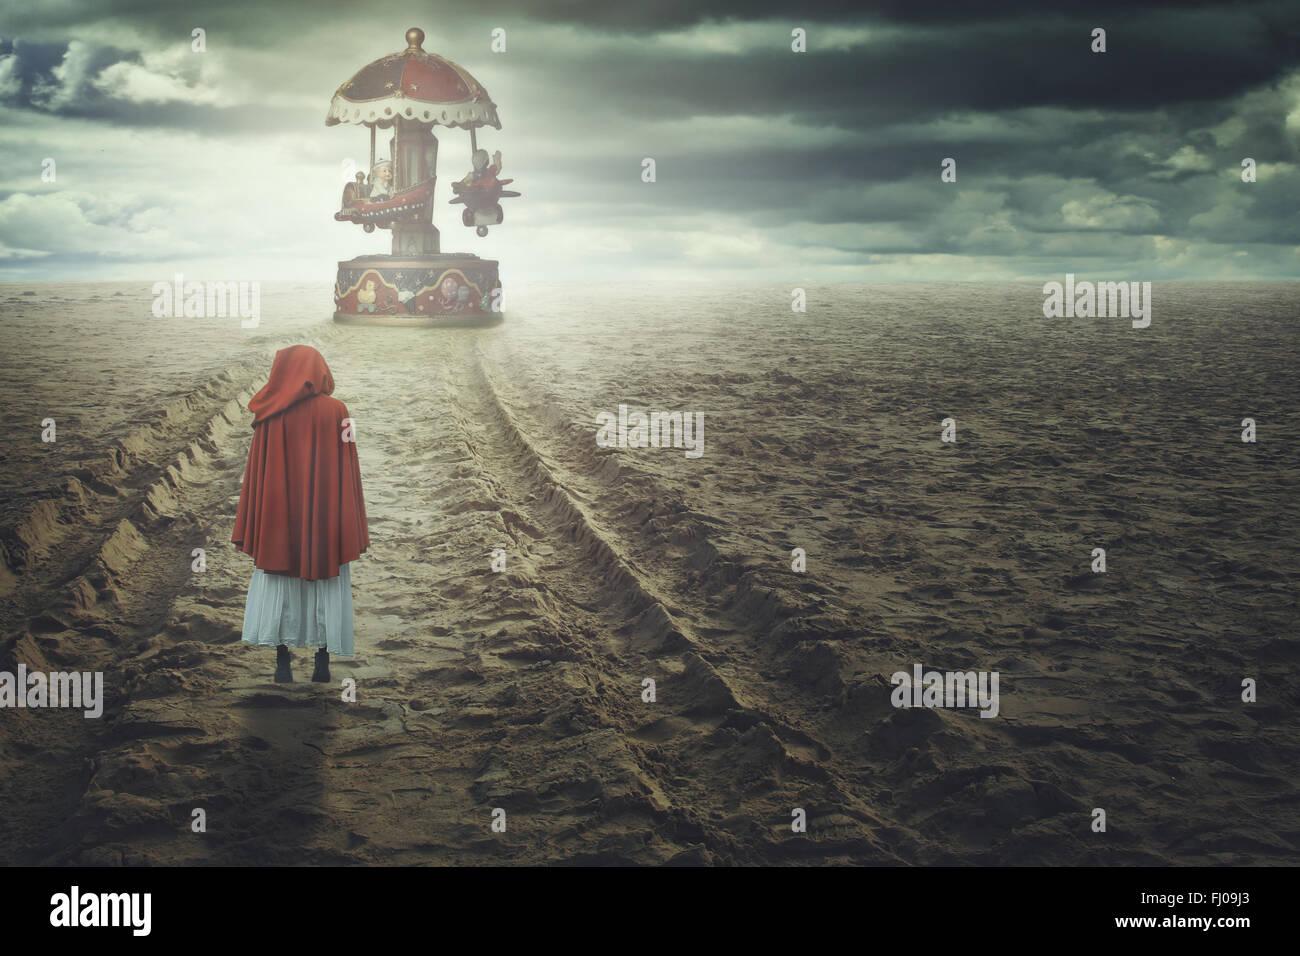 Rot mit Kapuze Frau an einem seltsamen Strand mit Spielzeug-Karussell. Fantasie und surreal Stockbild